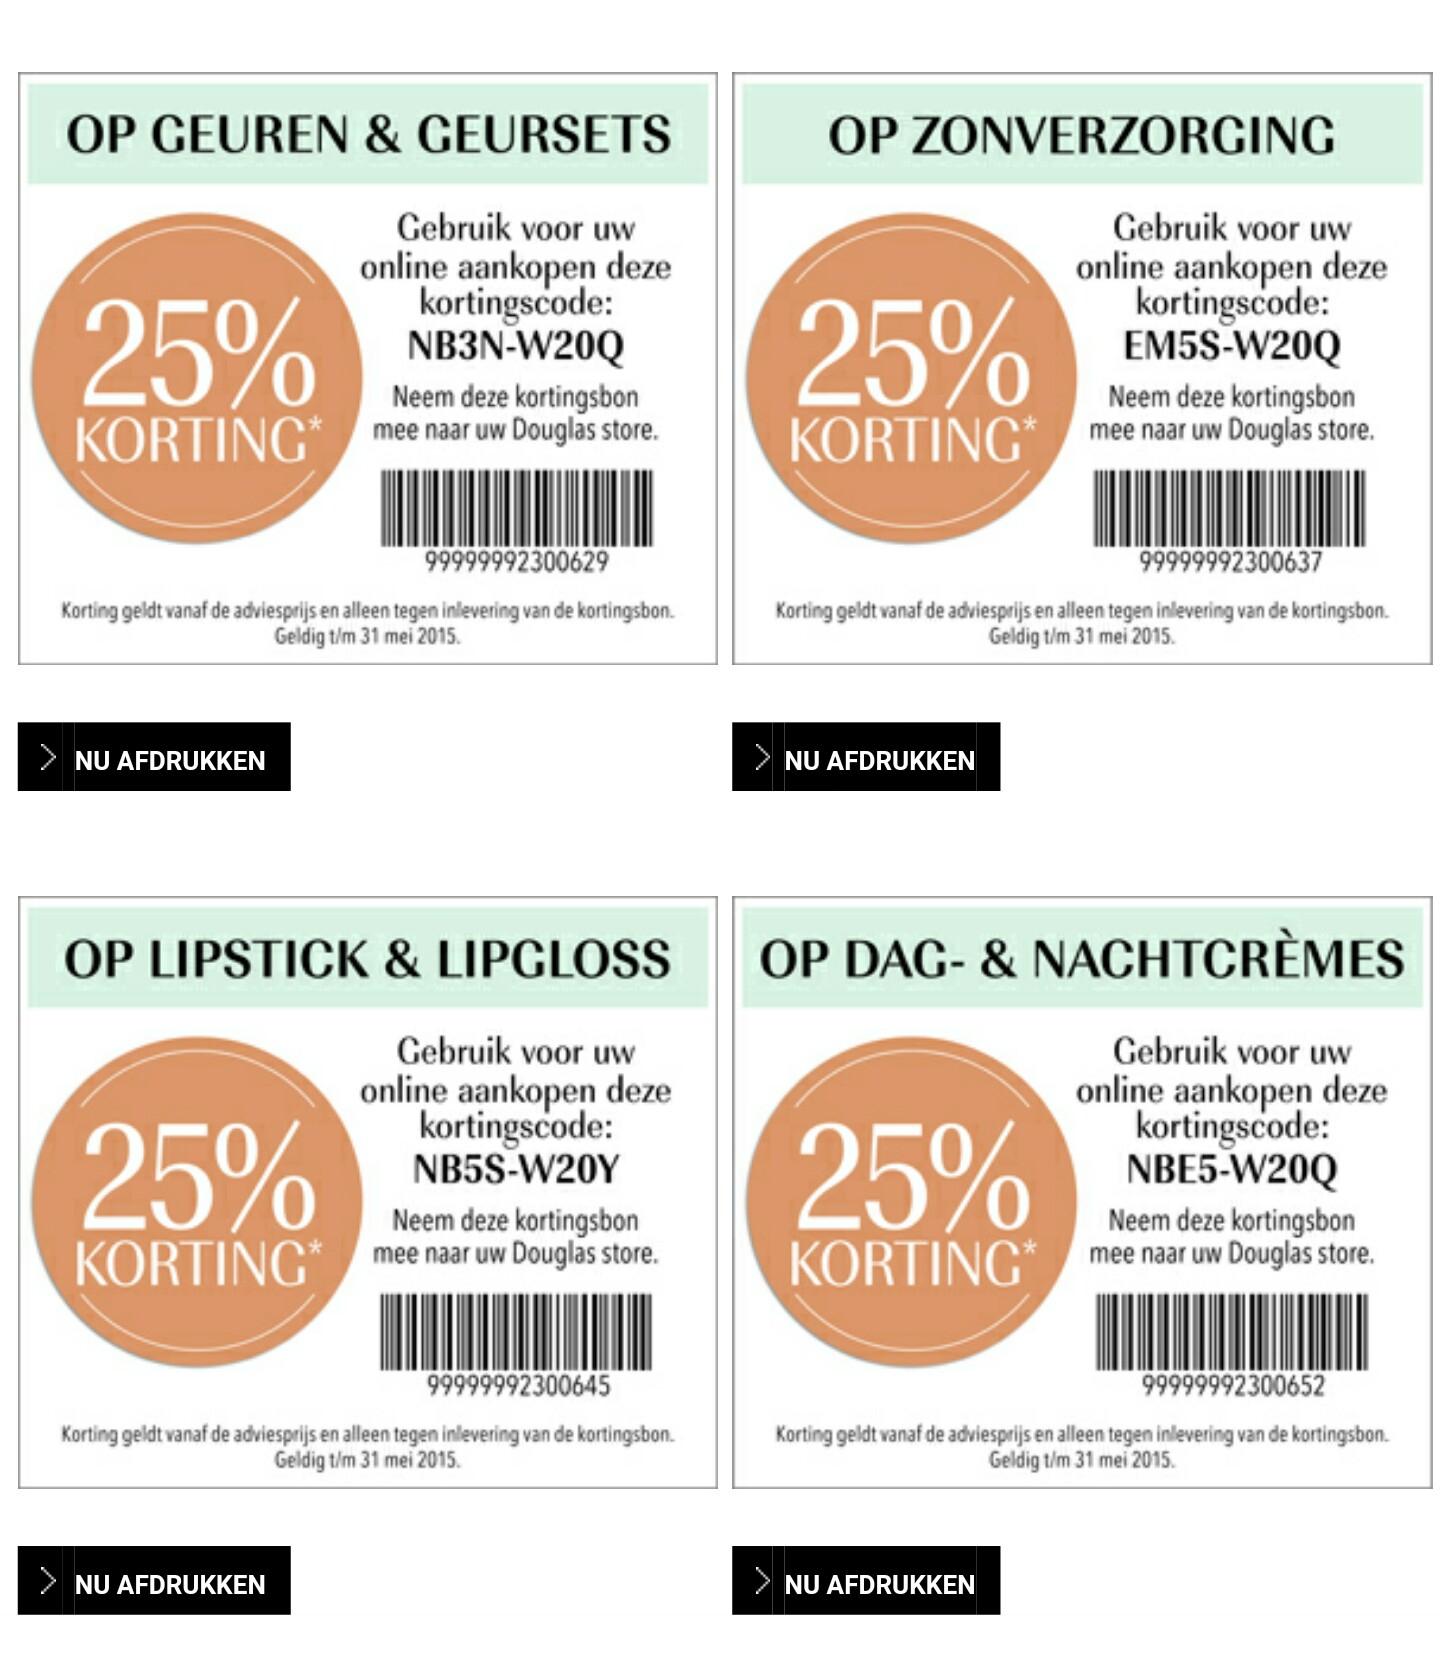 kortingscodes voor 25% korting op geuren & geursets, zonverzorging, lipstick & lipgloss en dag- & nachtcrèmes @ Douglas